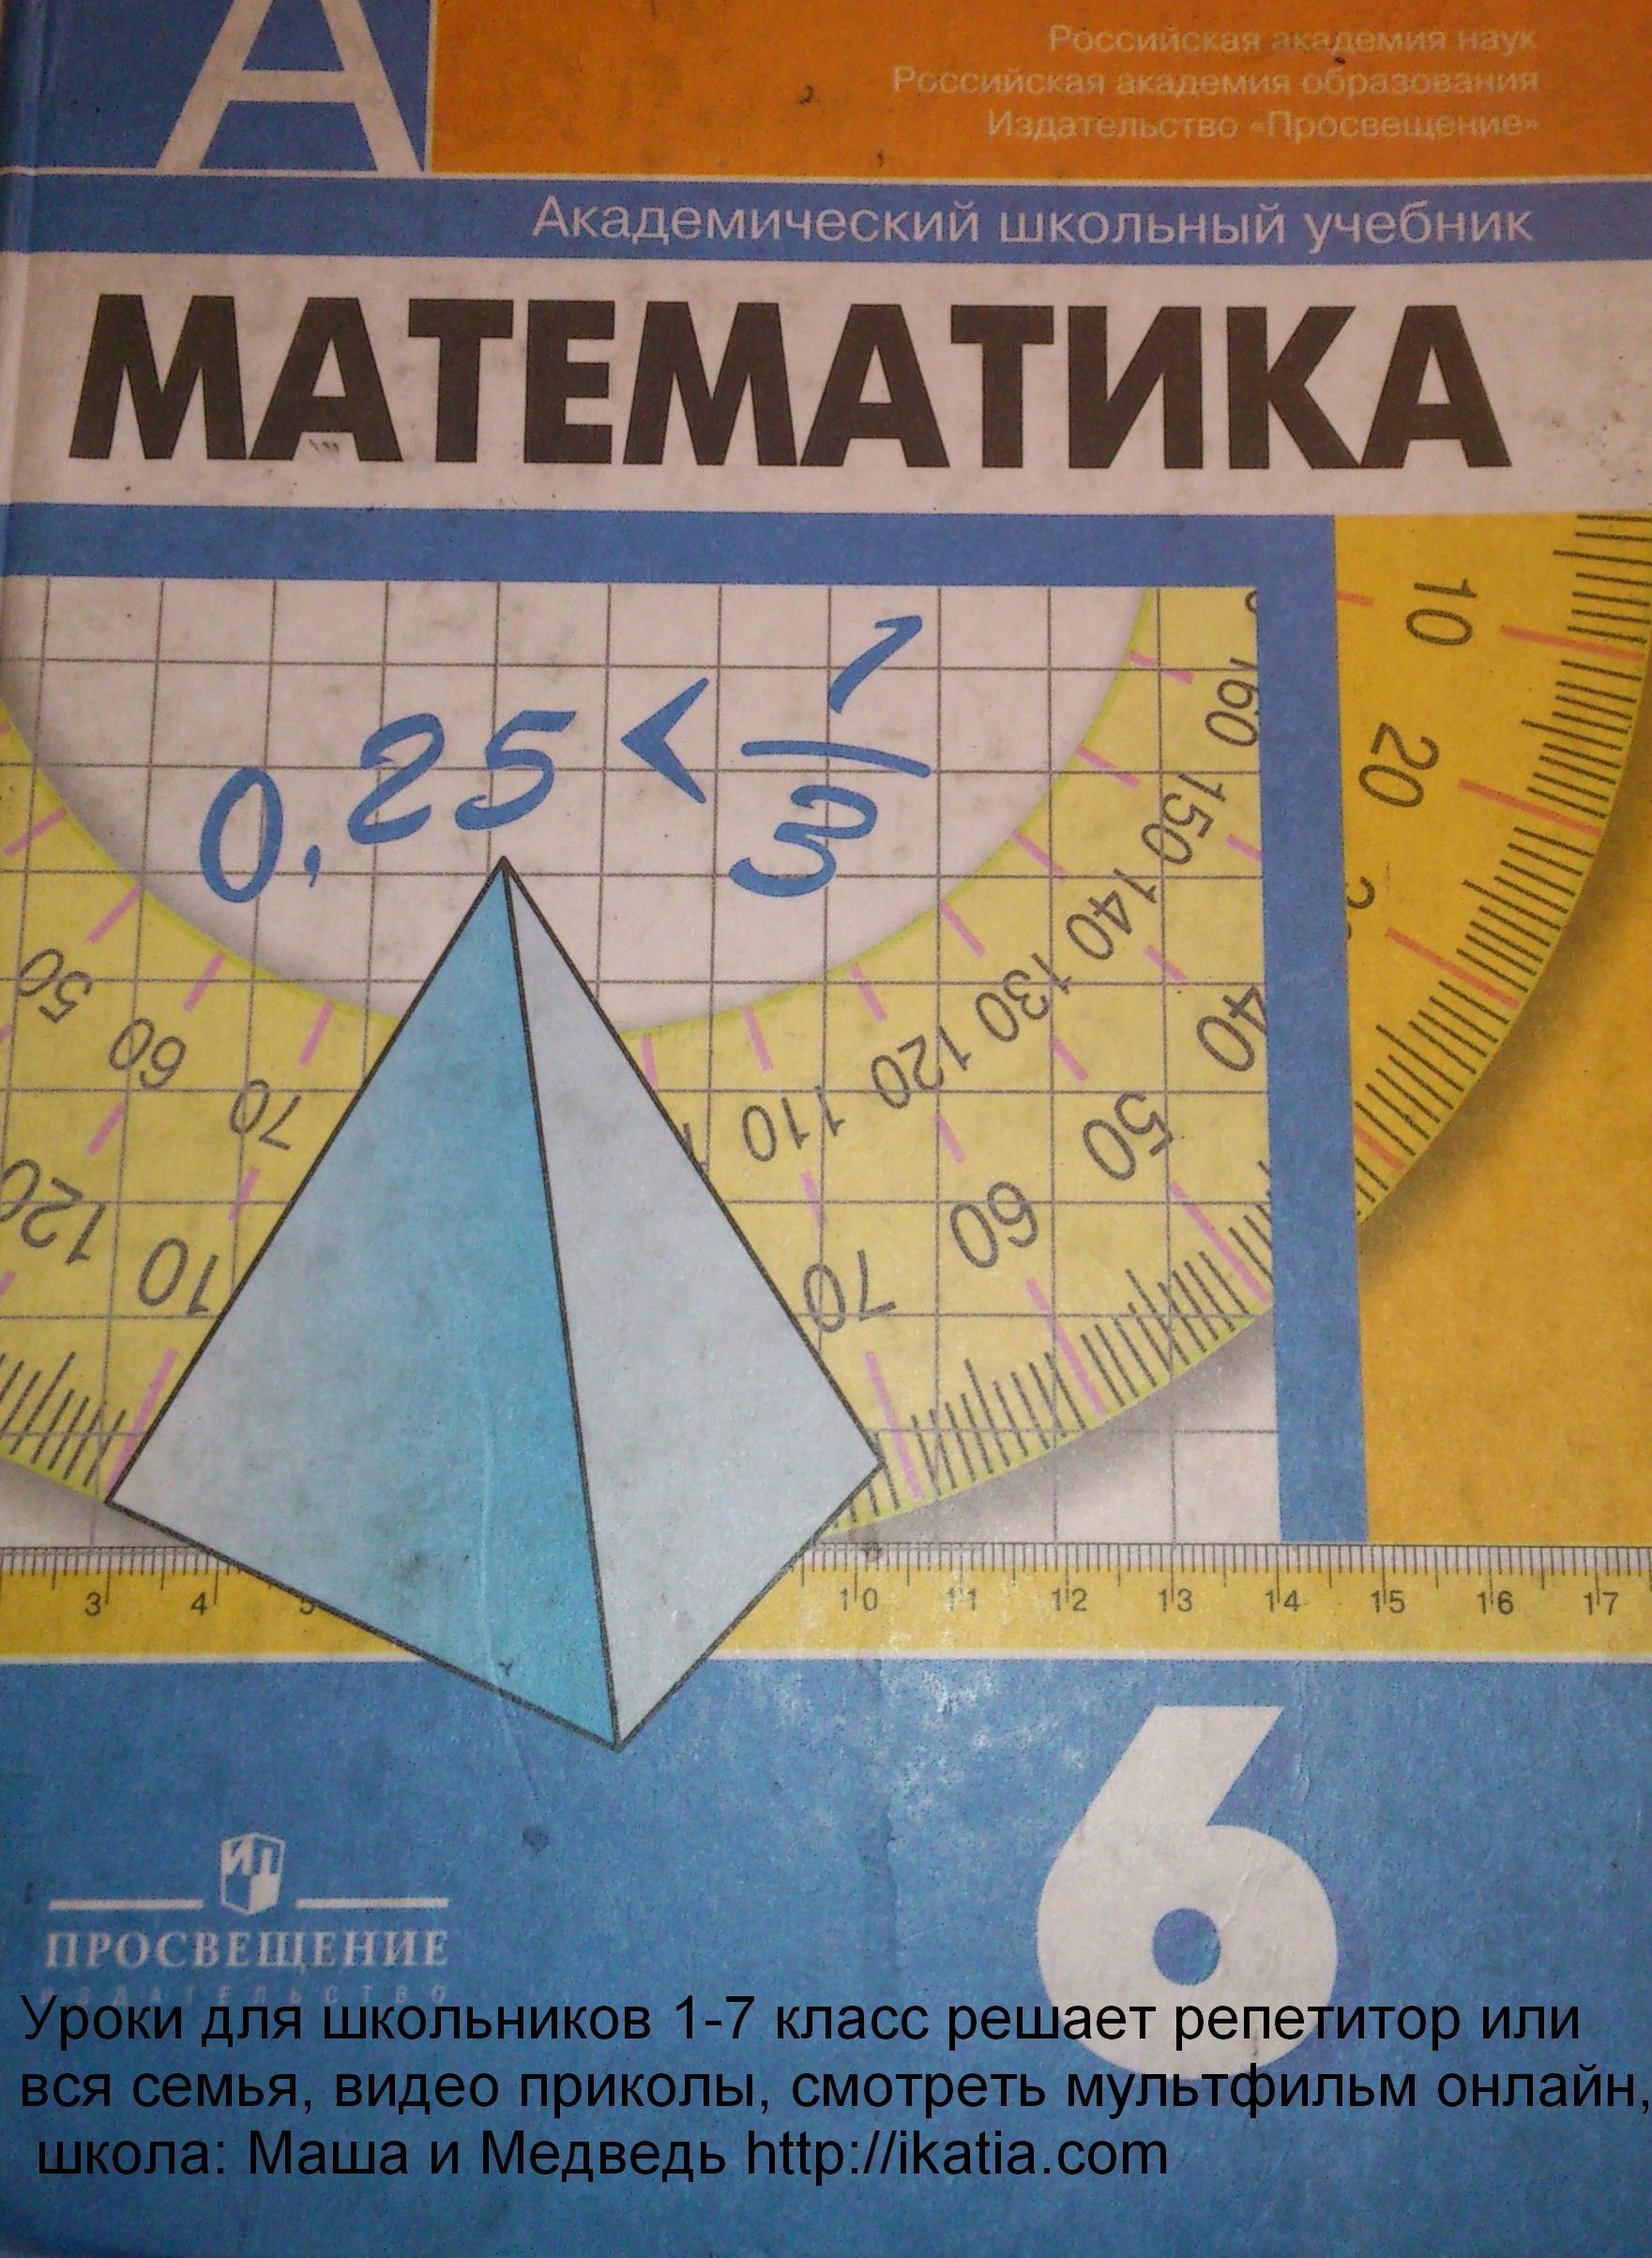 решебник математики 6 клаас просвещение сферы академический школьный учебник